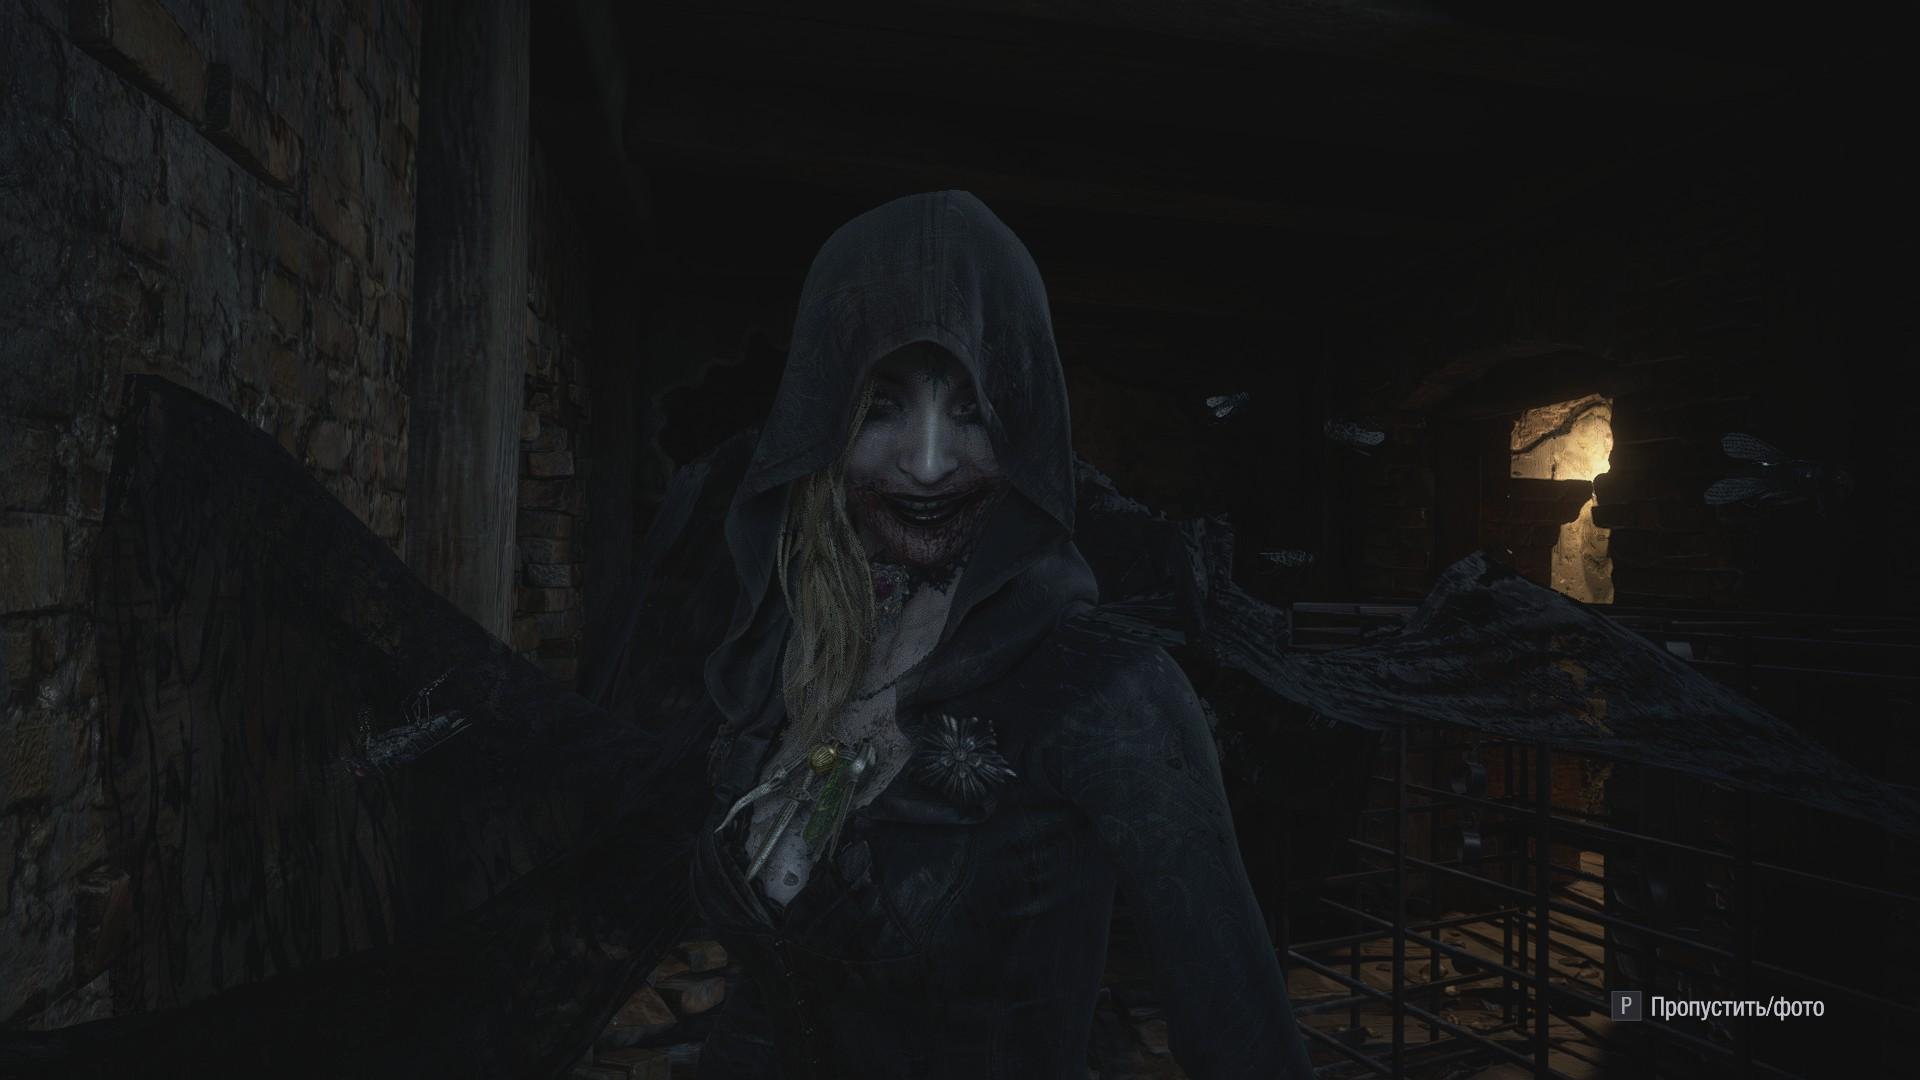 RE_V_1 - Resident Evil: Village